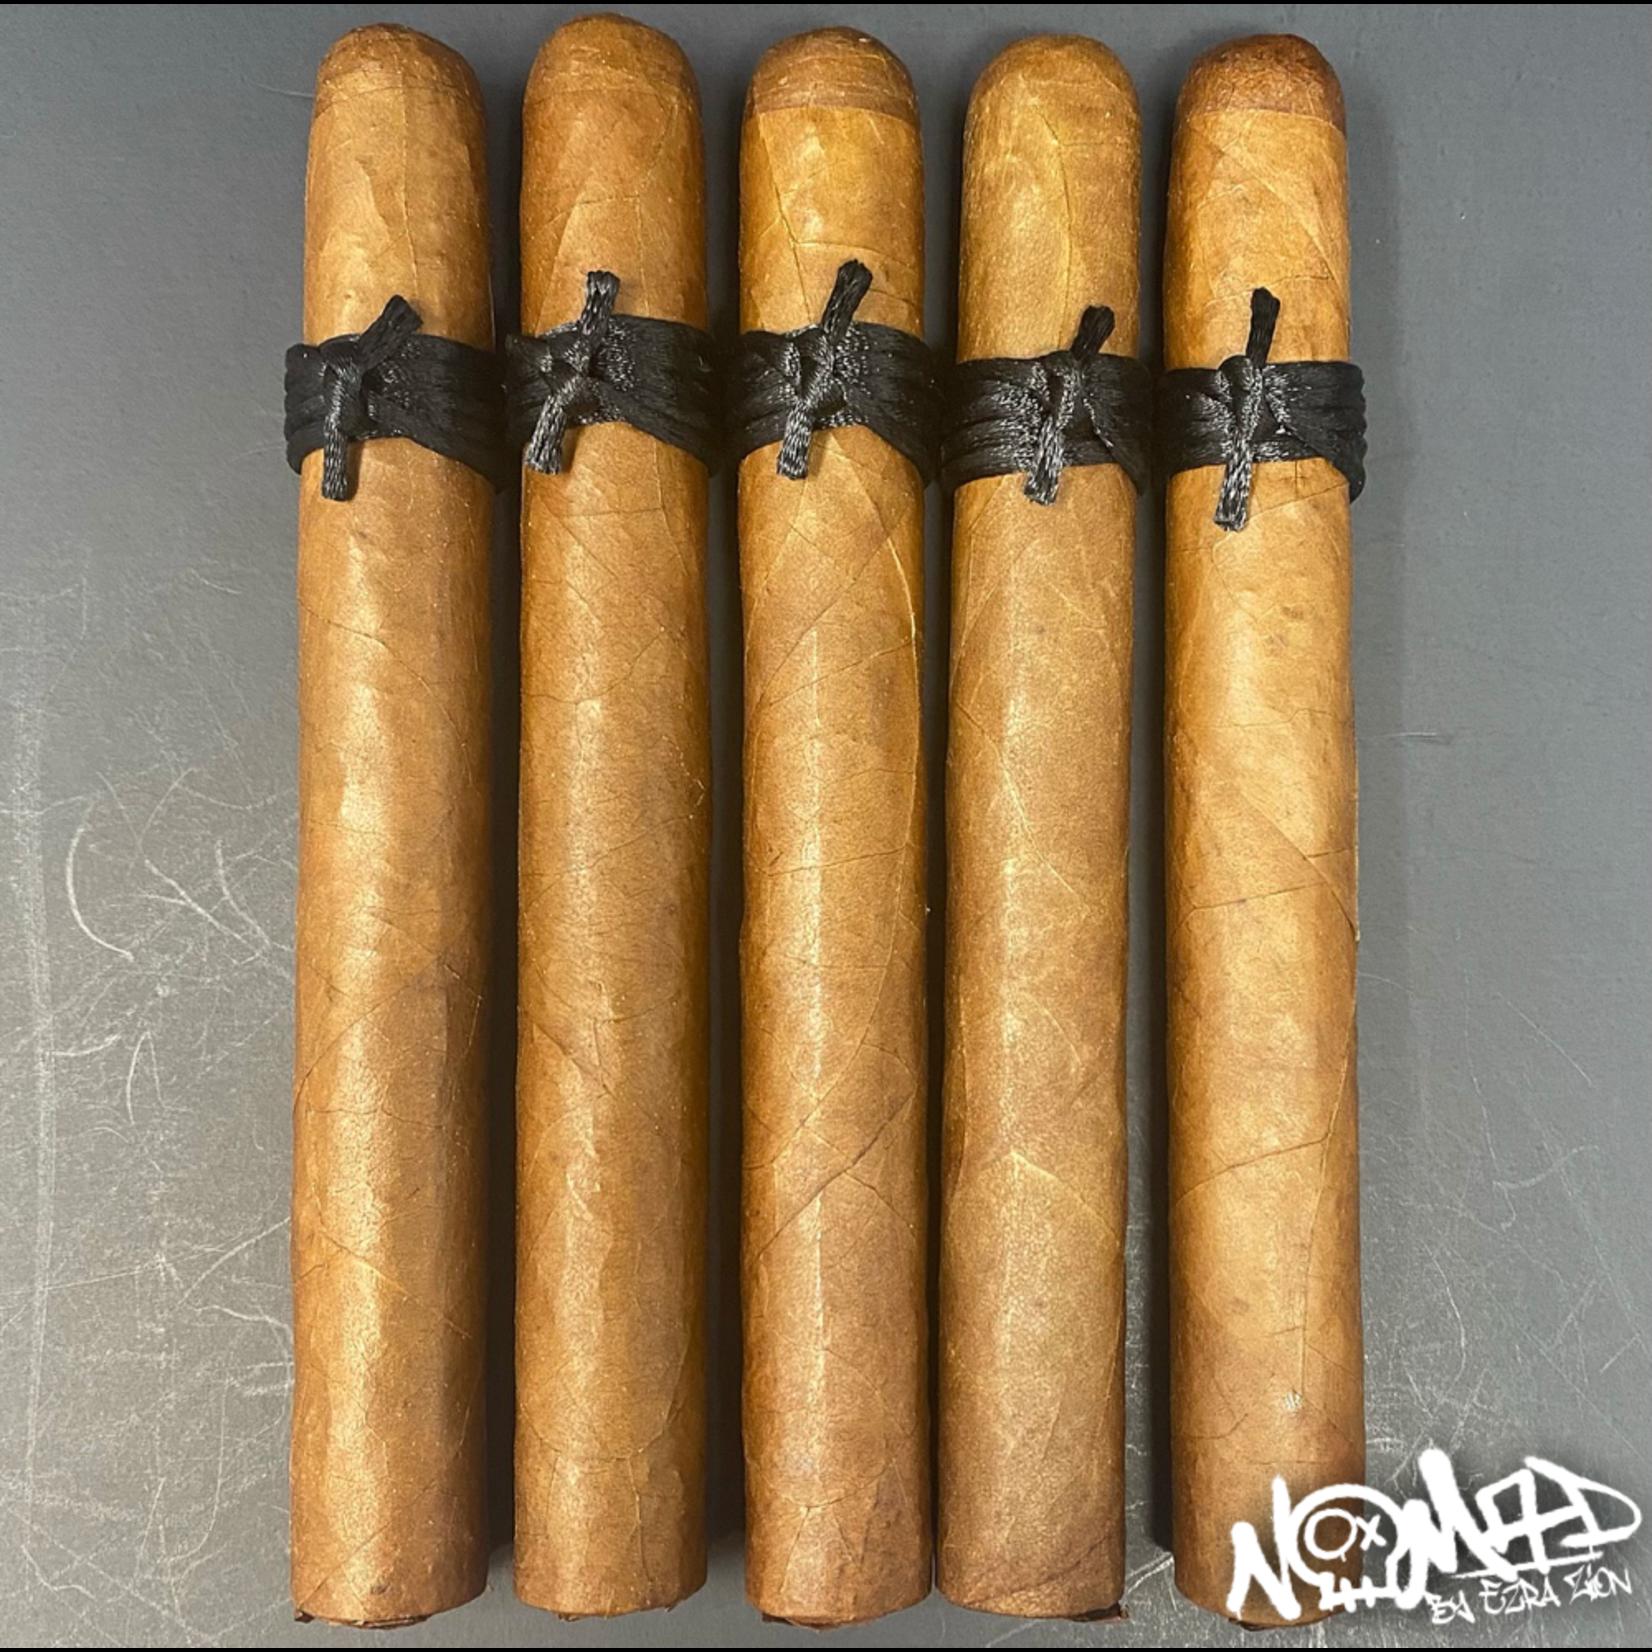 Nomad Cigars Blessed Leaf Christos